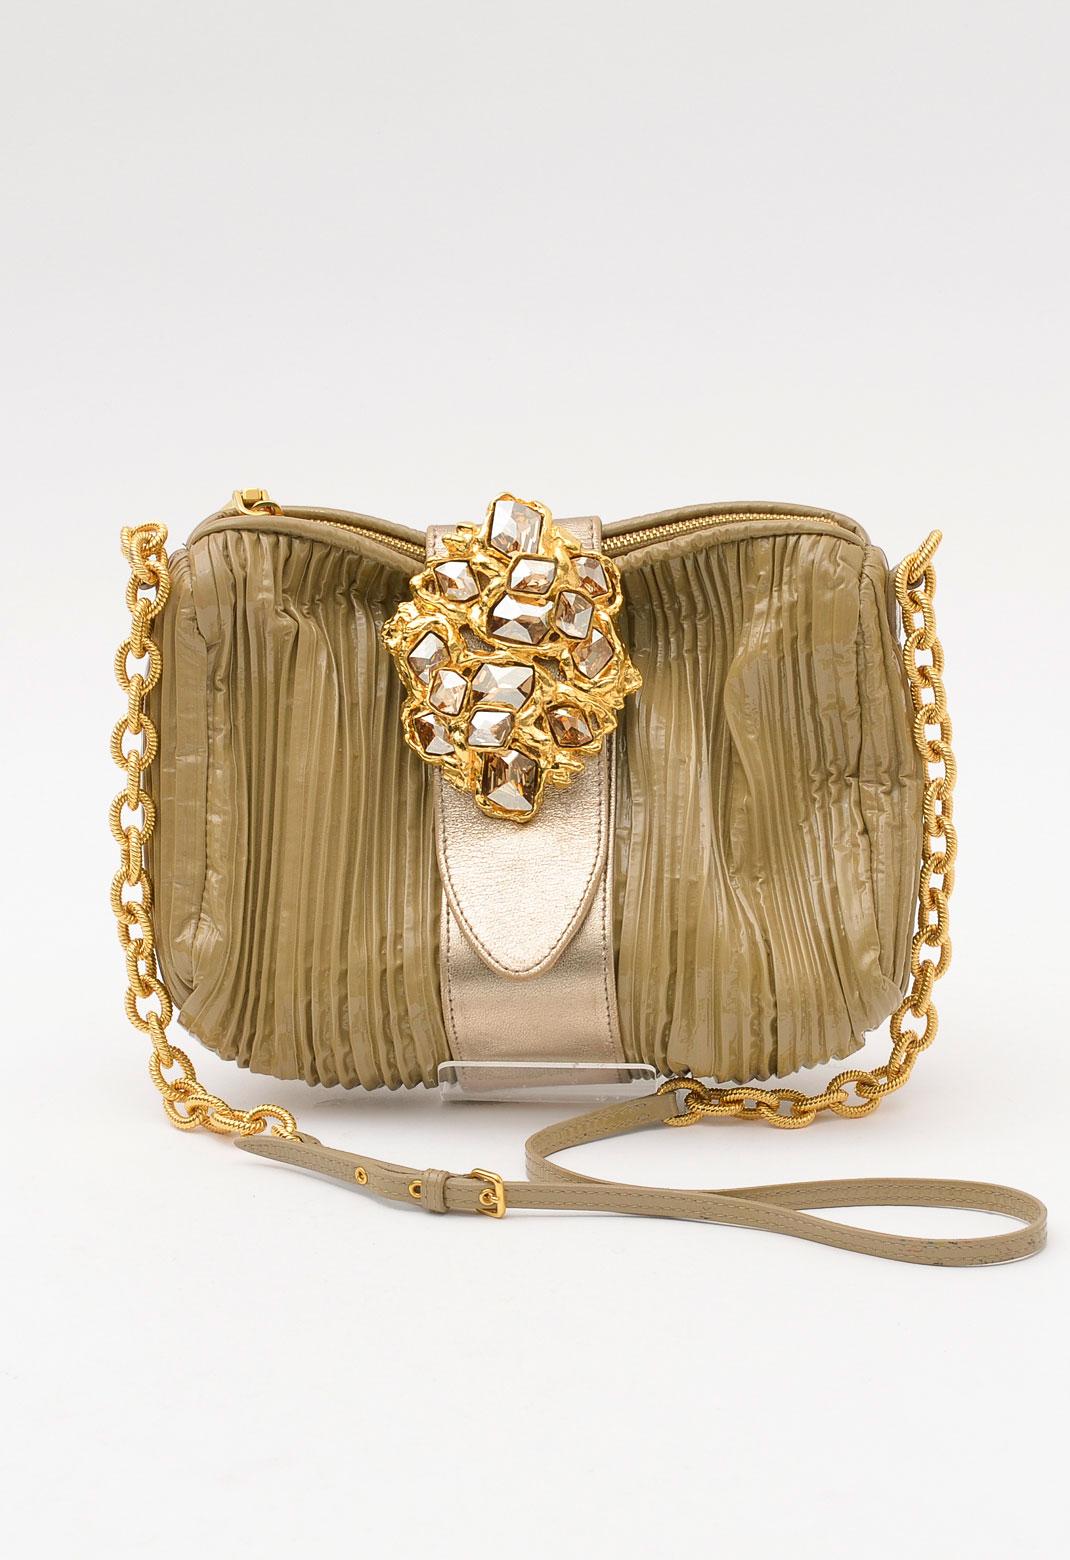 ミュウミュウ ゴールド ビジュー飾り × パテントレザー ショルダーバッグ